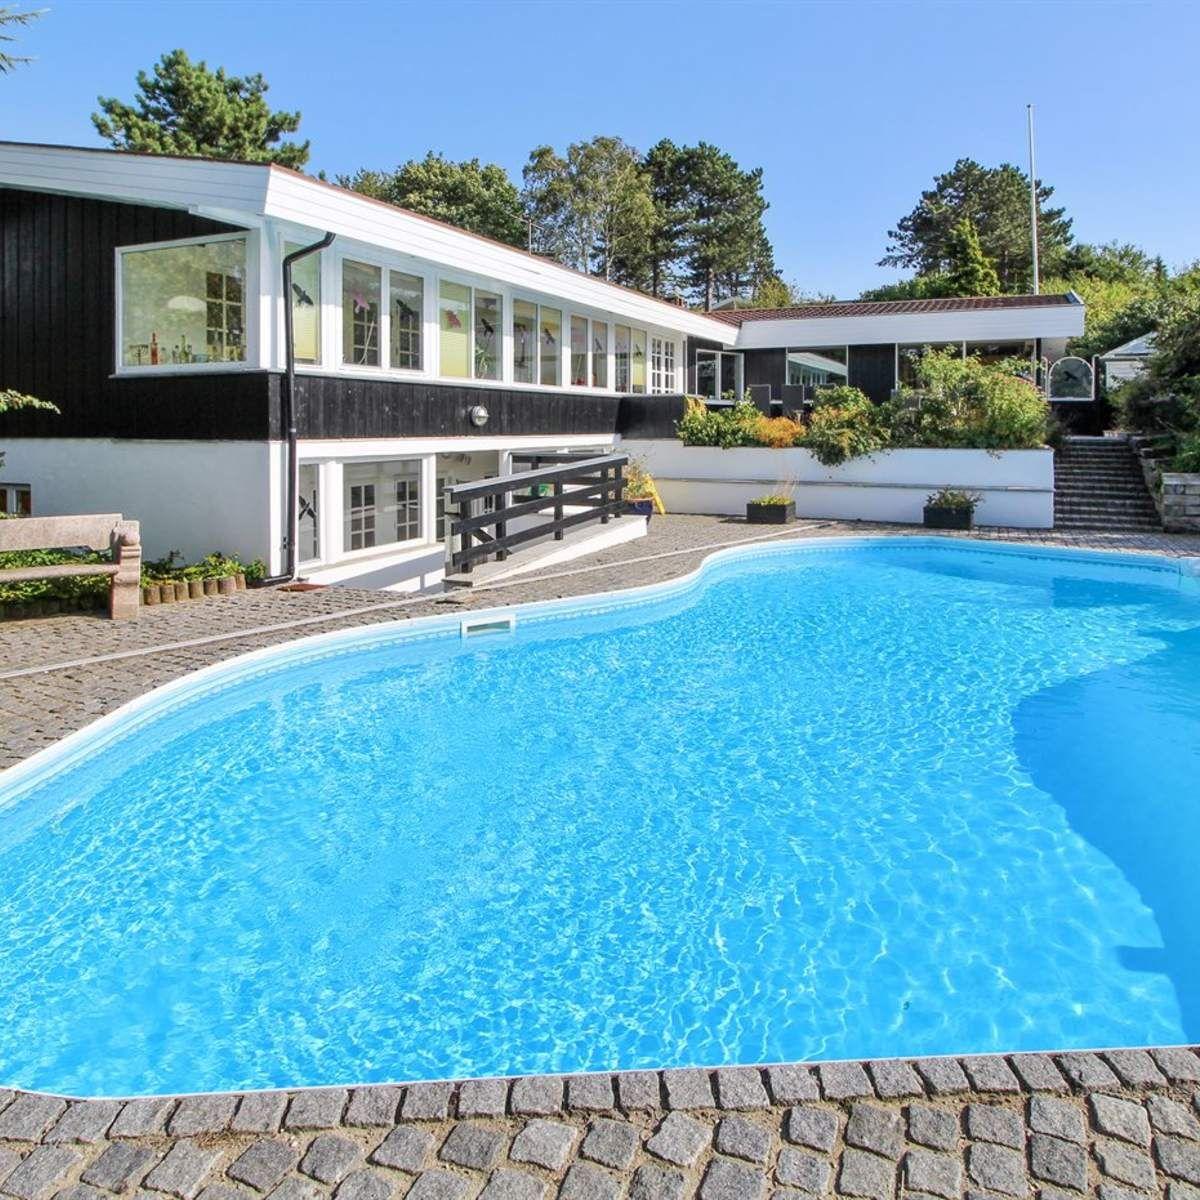 Bn90 Grosses Ferienhaus Fur 10 Personen Kaminofen 2 Haustiere Erlaubt Ab 530 Pro Woche Urlaub Kaminofen Ferienhaus Und Haus